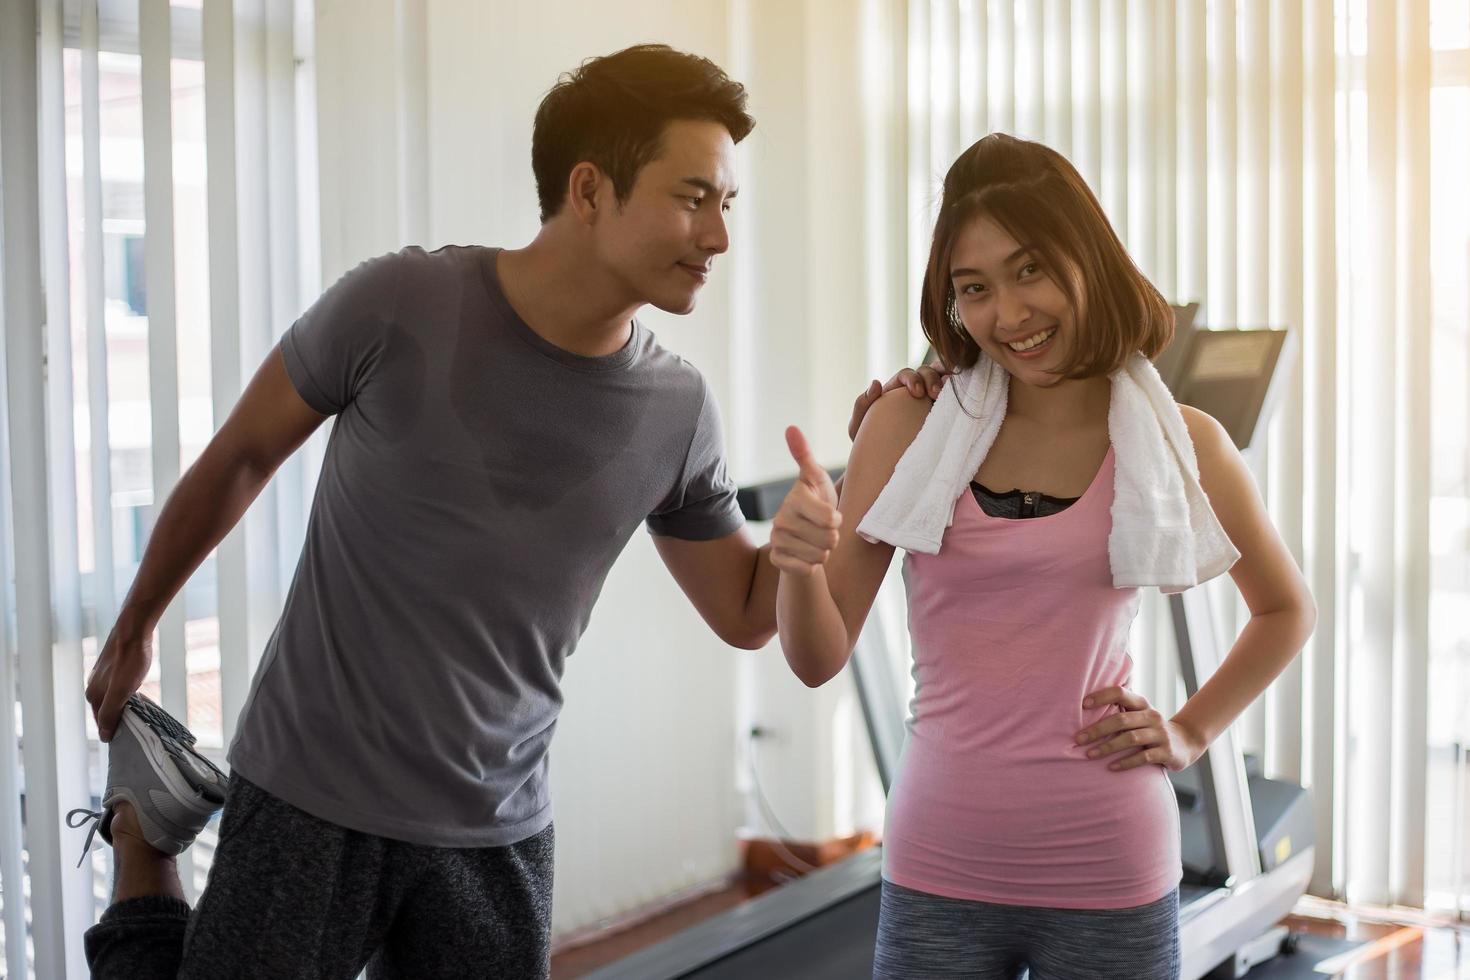 deux adultes exerçant dans la salle de gym photo